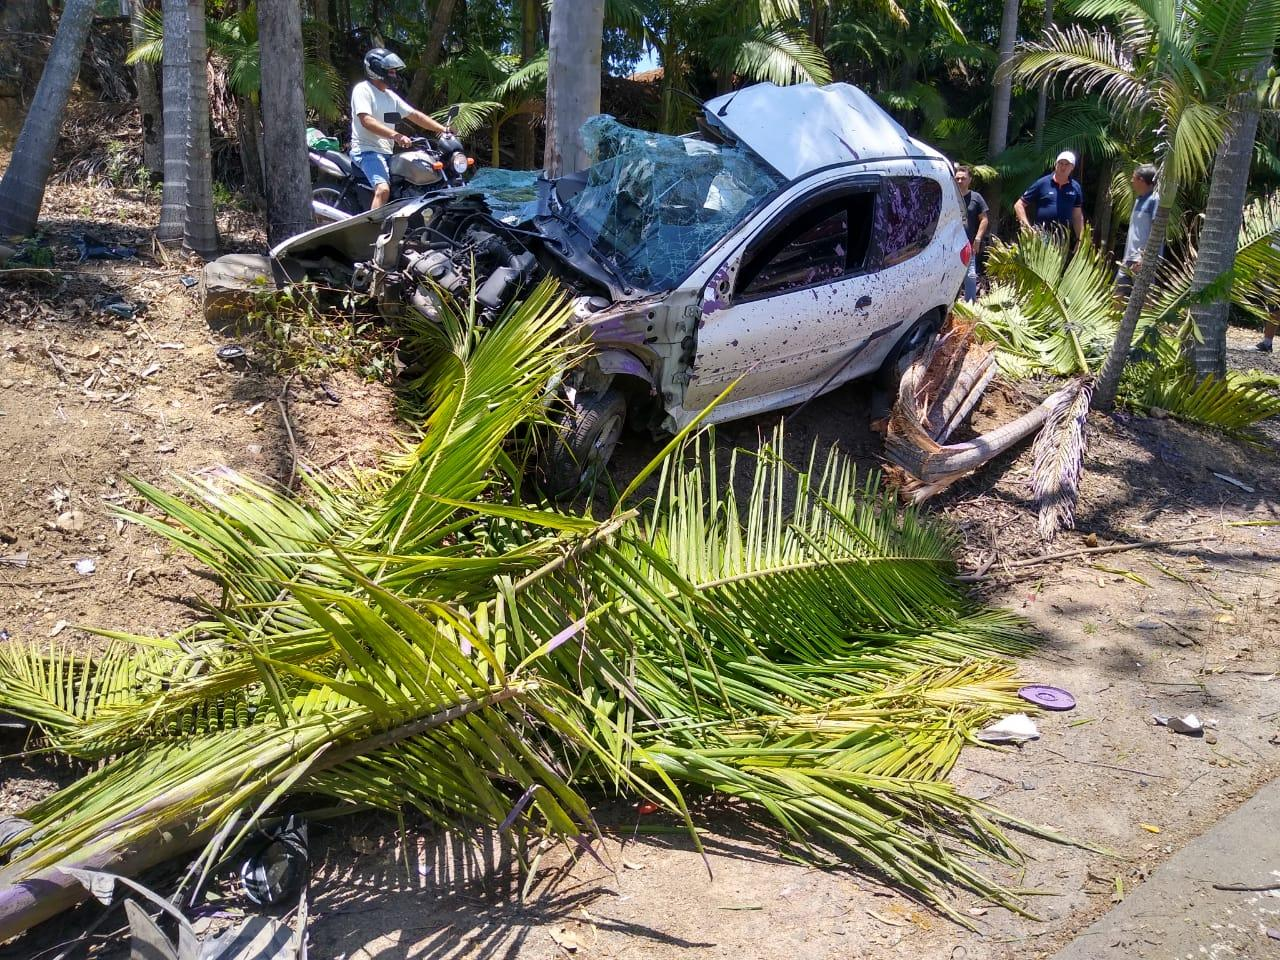 Veículo sai de pista e bate em árvores no Cerro Negro em Ituporanga